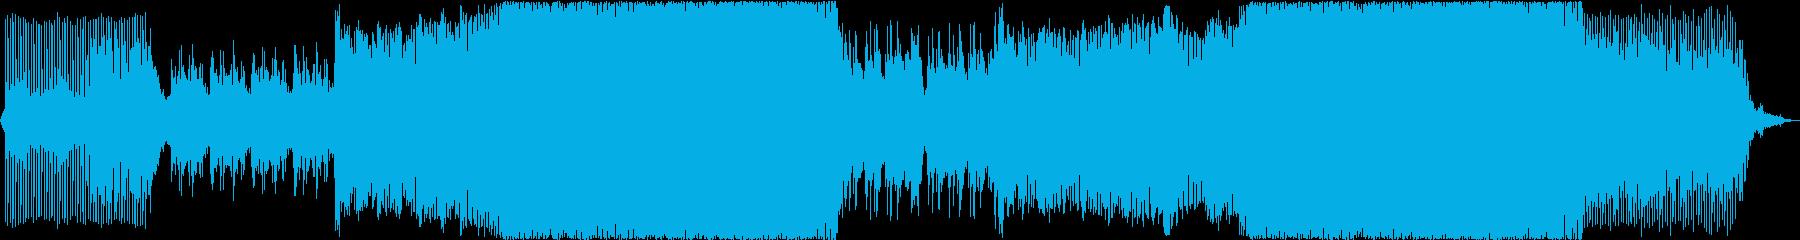 感動的で前向きな気持ちになれるEDMの再生済みの波形